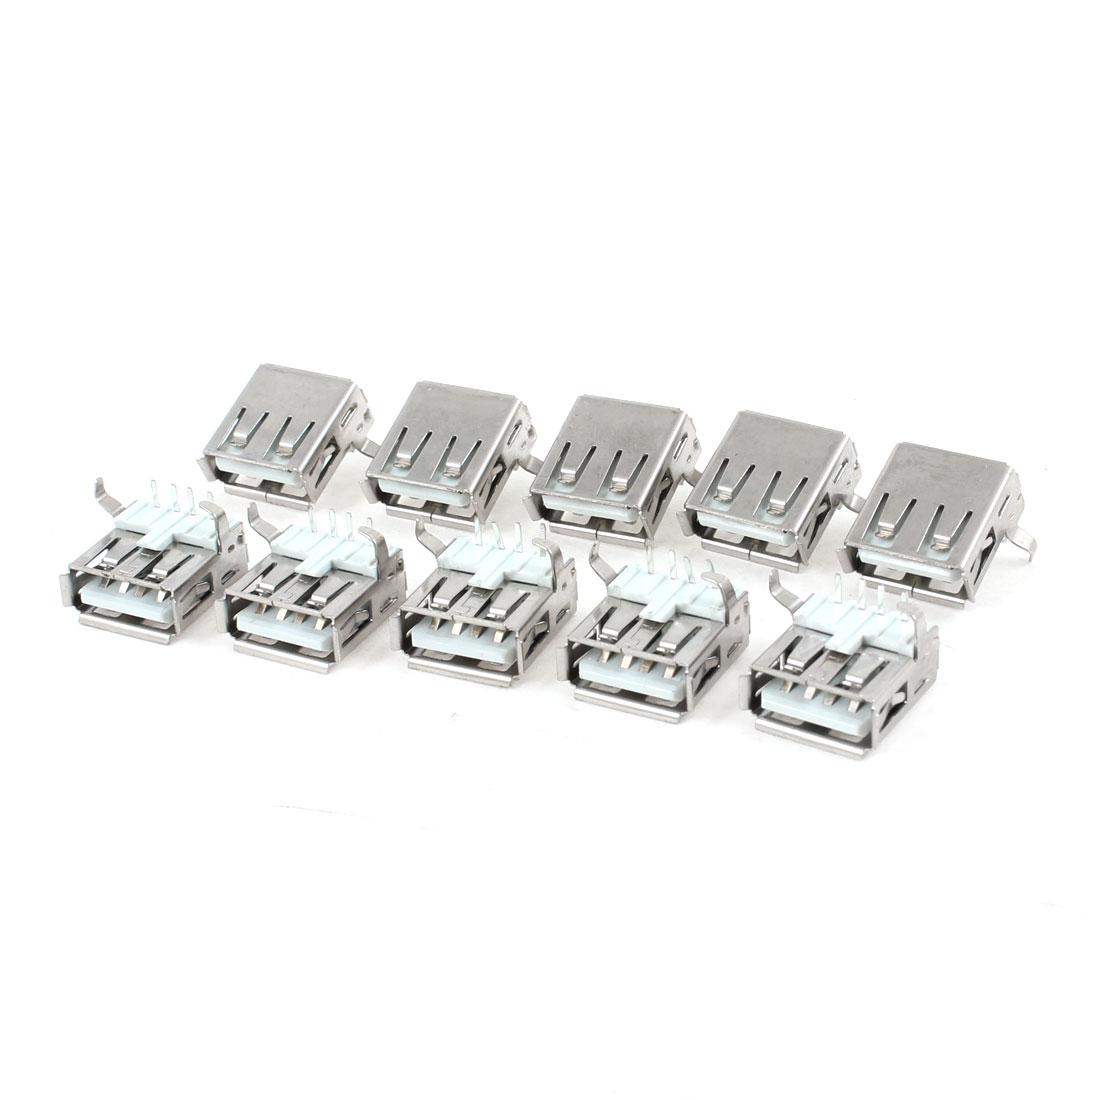 10 Pcs PCB Mount USB Type A Right Angle 4-Pin DIP Female Jack Socket